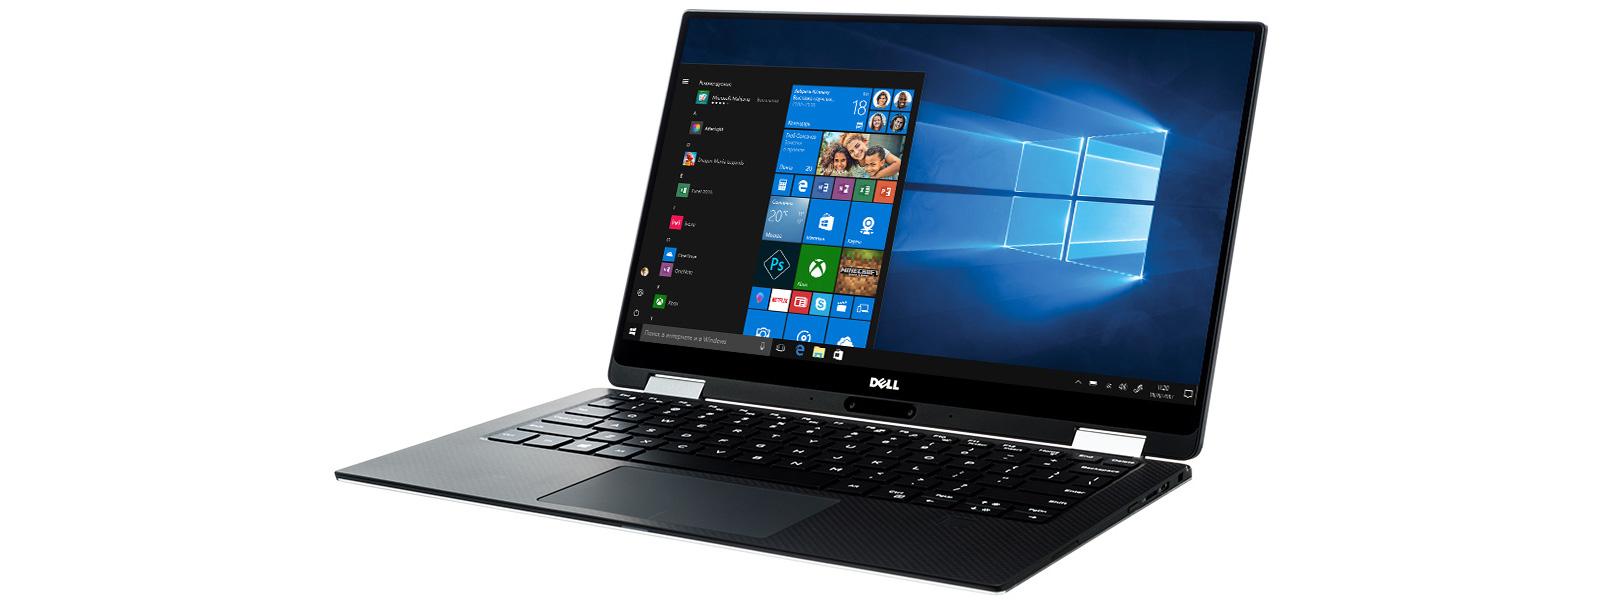 Ноутбук Dell XPS 13 с начальным экраном Windows 10.